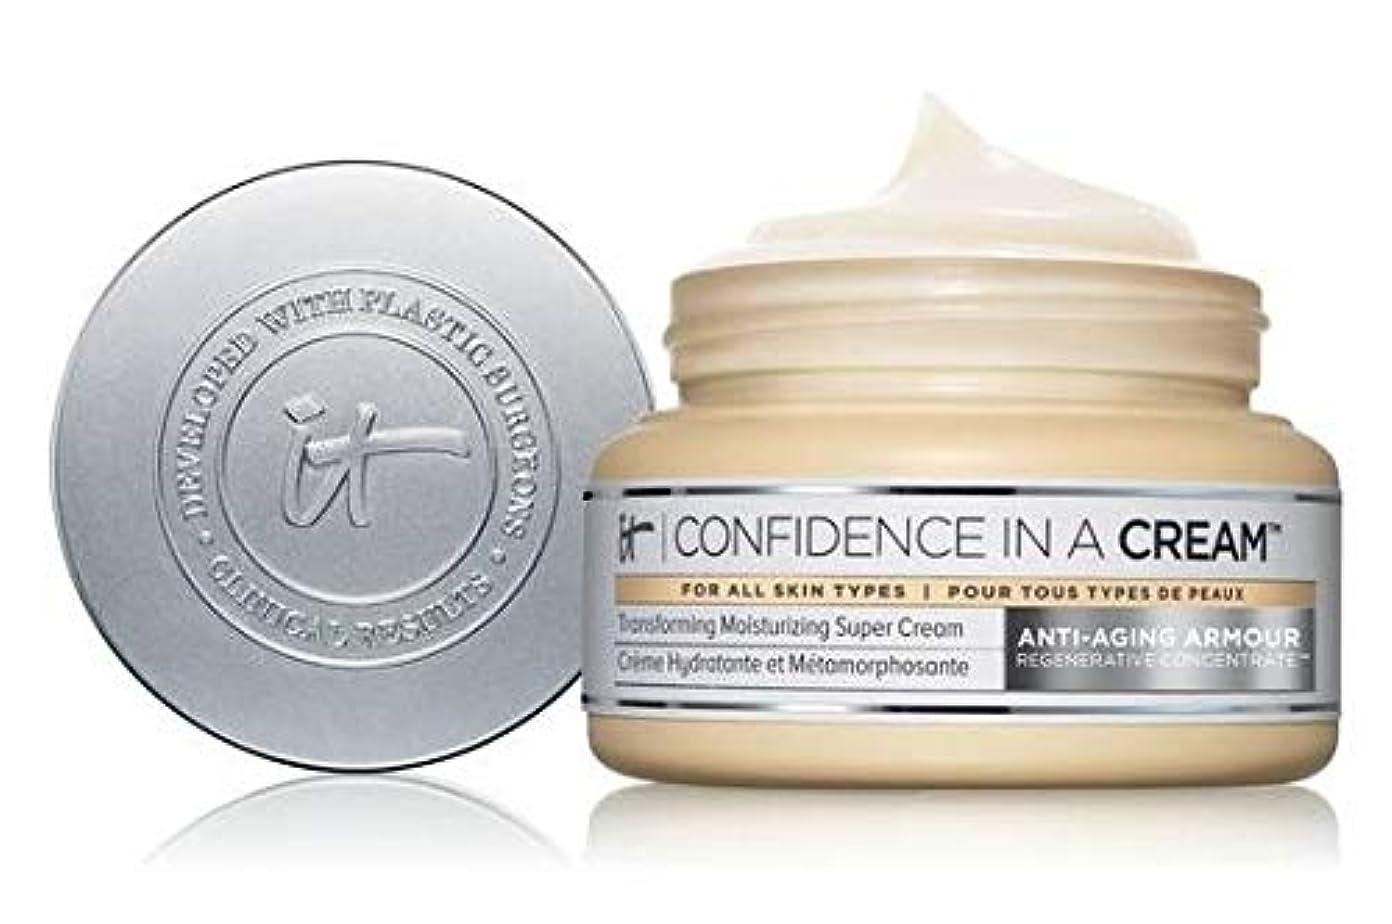 象期待して指導するIt Cosmetics Confidence in a Cream Moisturizer 2 Ouncesクリームモイスチャライザー